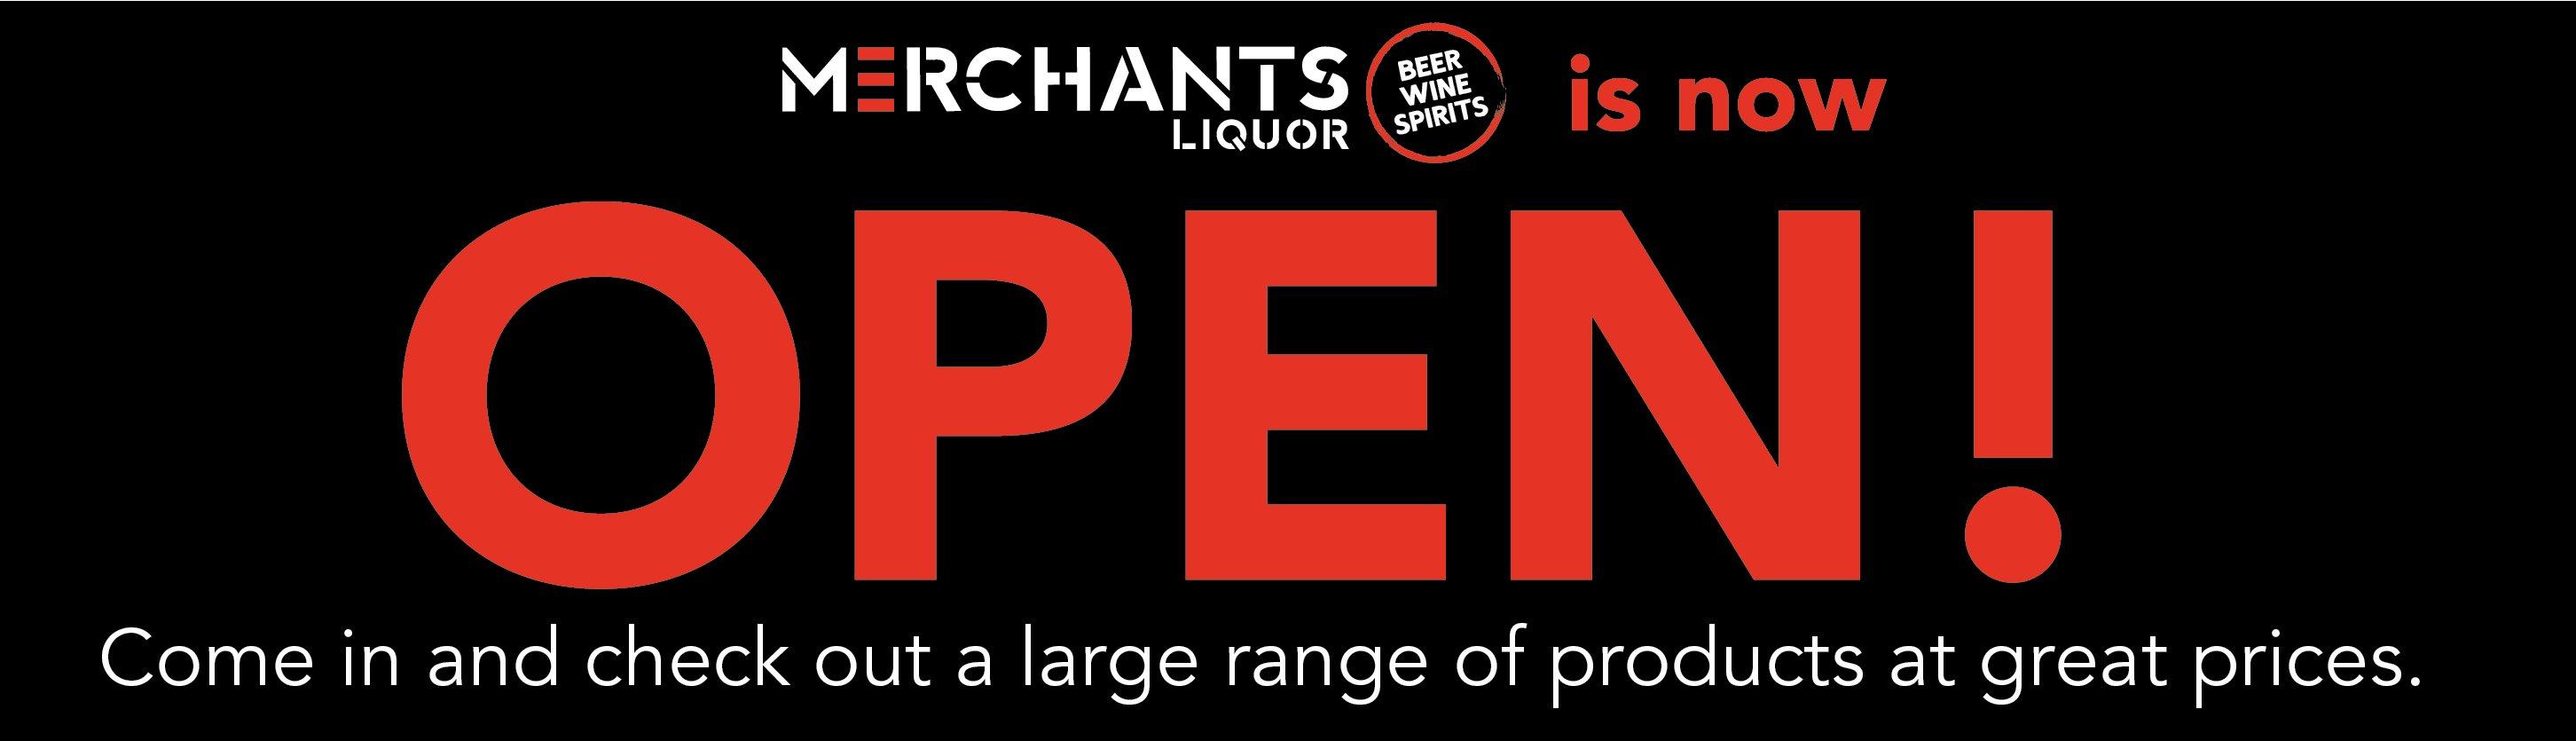 Merchants We Are Open